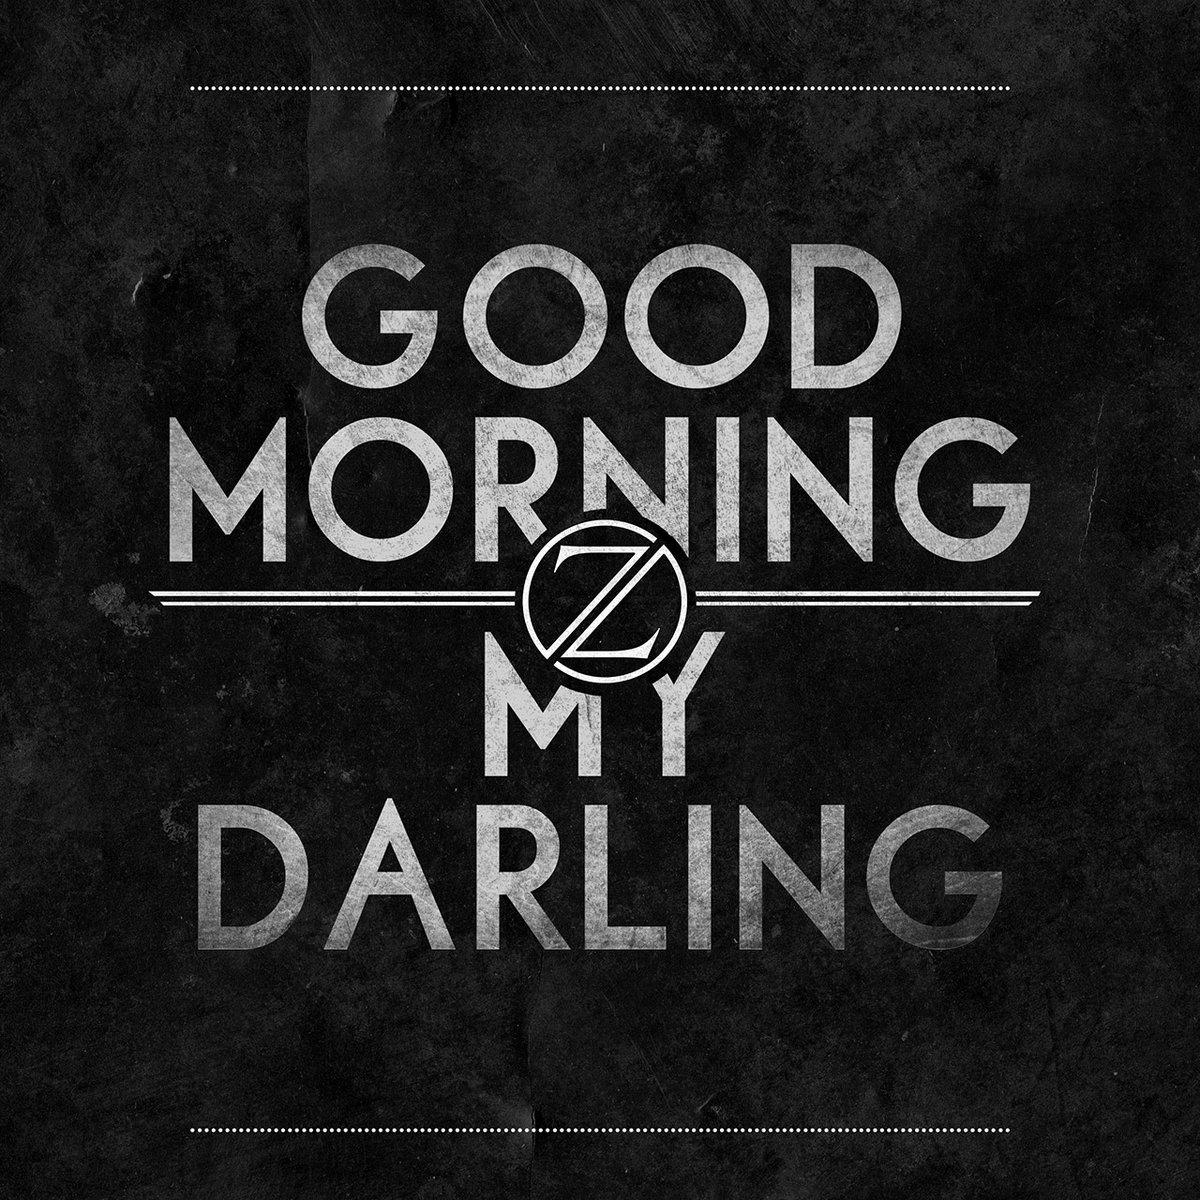 Good Morning Darling Pics : Good morning darling quotes quotesgram